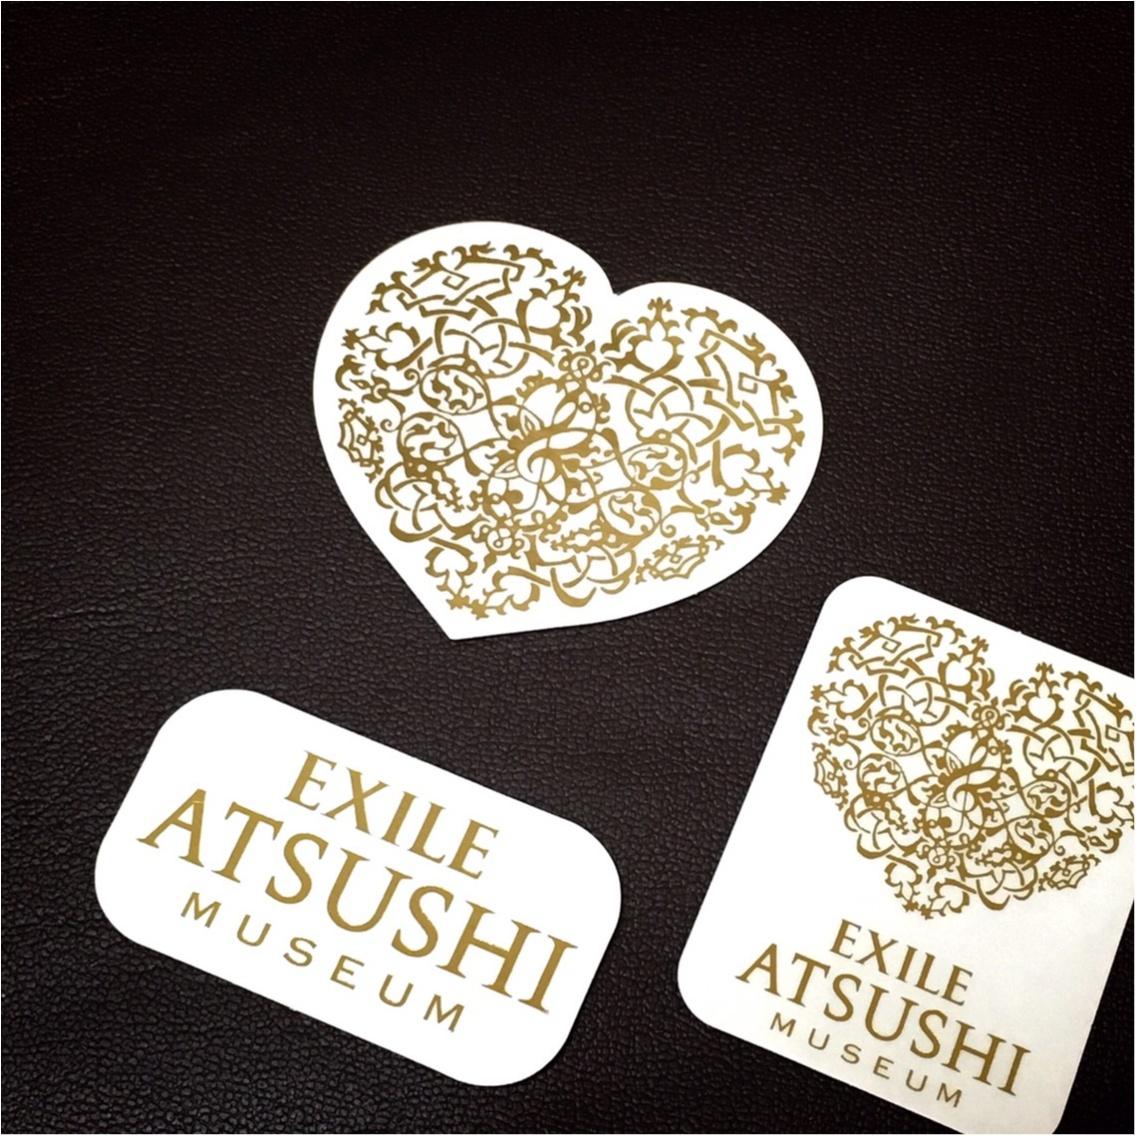 モアハピ部の中で1番[EXILE ATSUSHIさん]が大好きなのは私デス♡!!_7